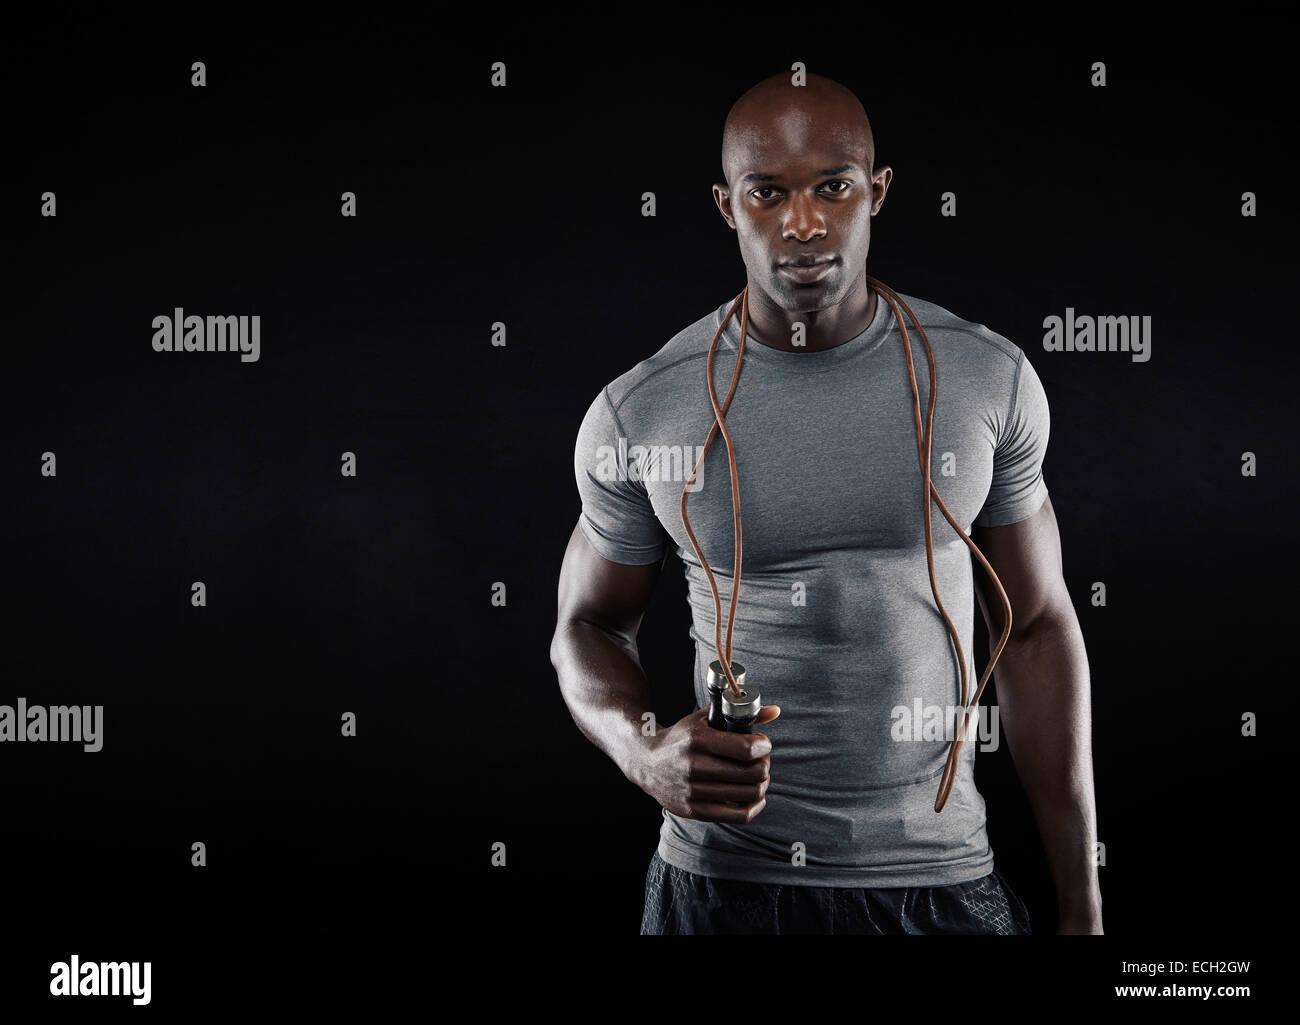 Schöner muskulöser Mann mit Seilspringen auf schwarzem Hintergrund. Passen Sie afrikanisches Modell mit Stockbild